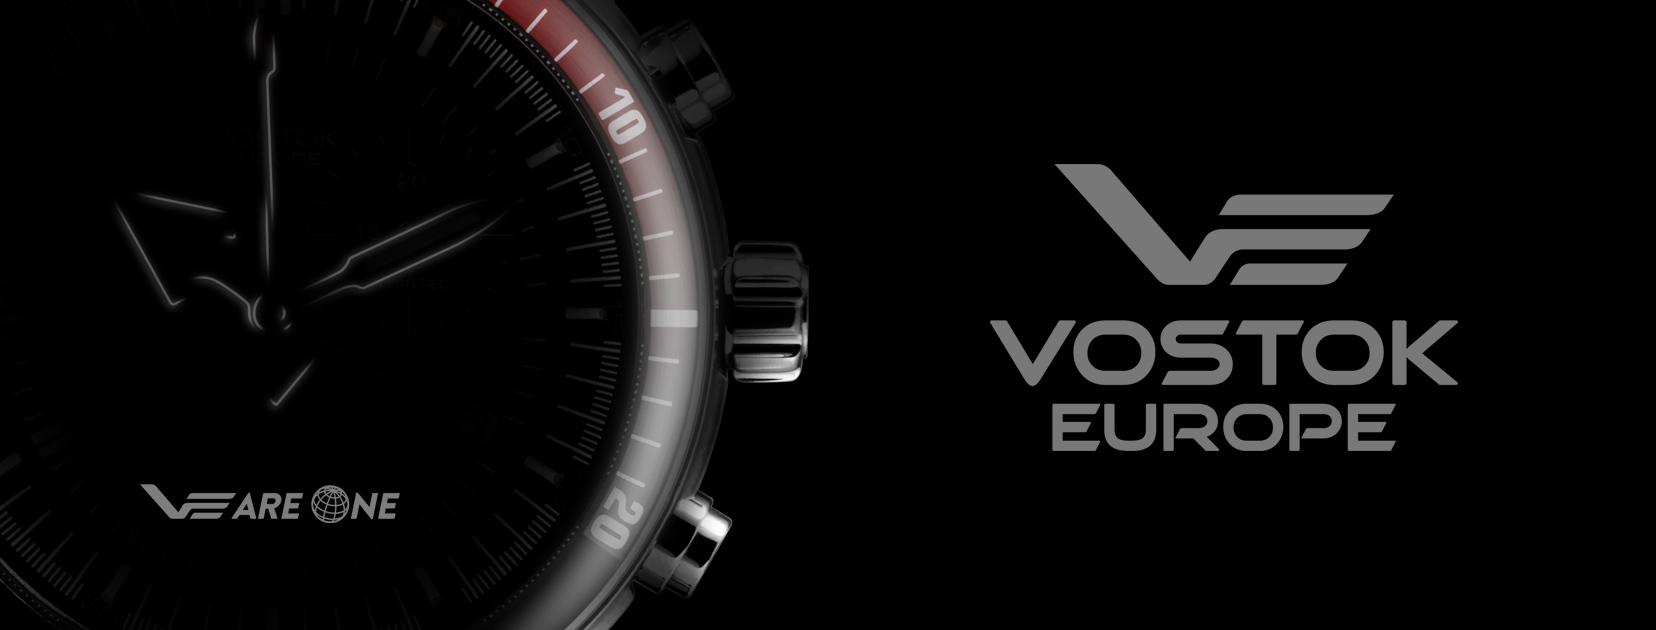 """「""""極限""""で使える実用的な腕時計」を目指すVOSTOK EUROPEの中でも大ヒットを遂げた「アンチャール」から自動巻きの新型モデルが誕生。"""